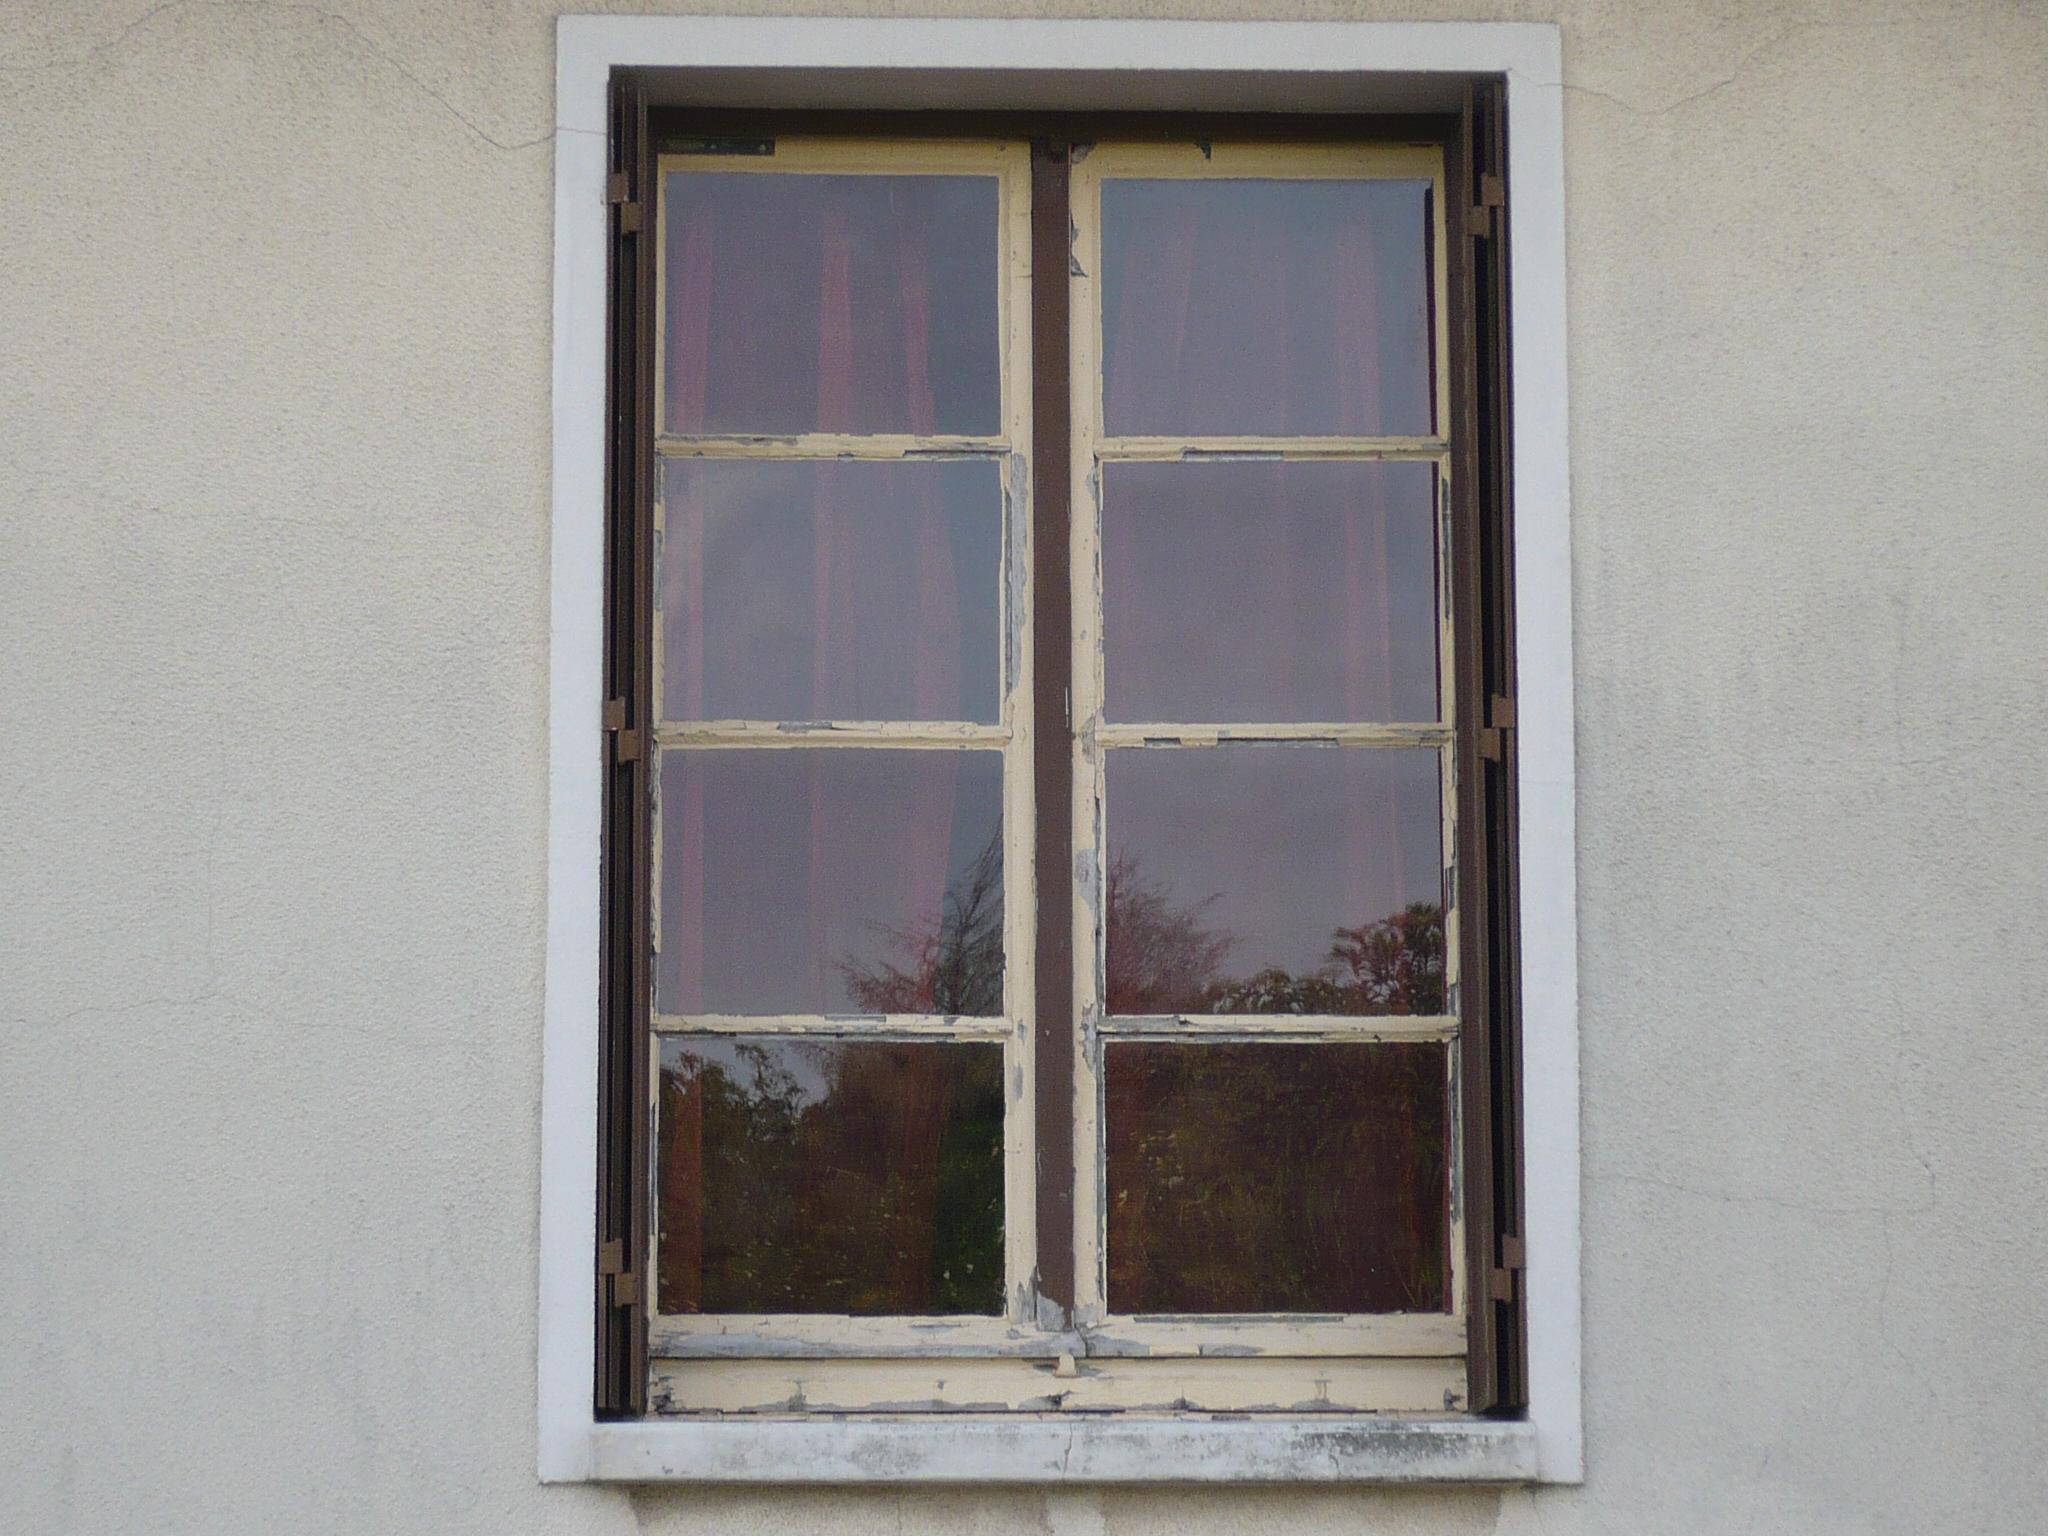 Fenêtre avant (2)